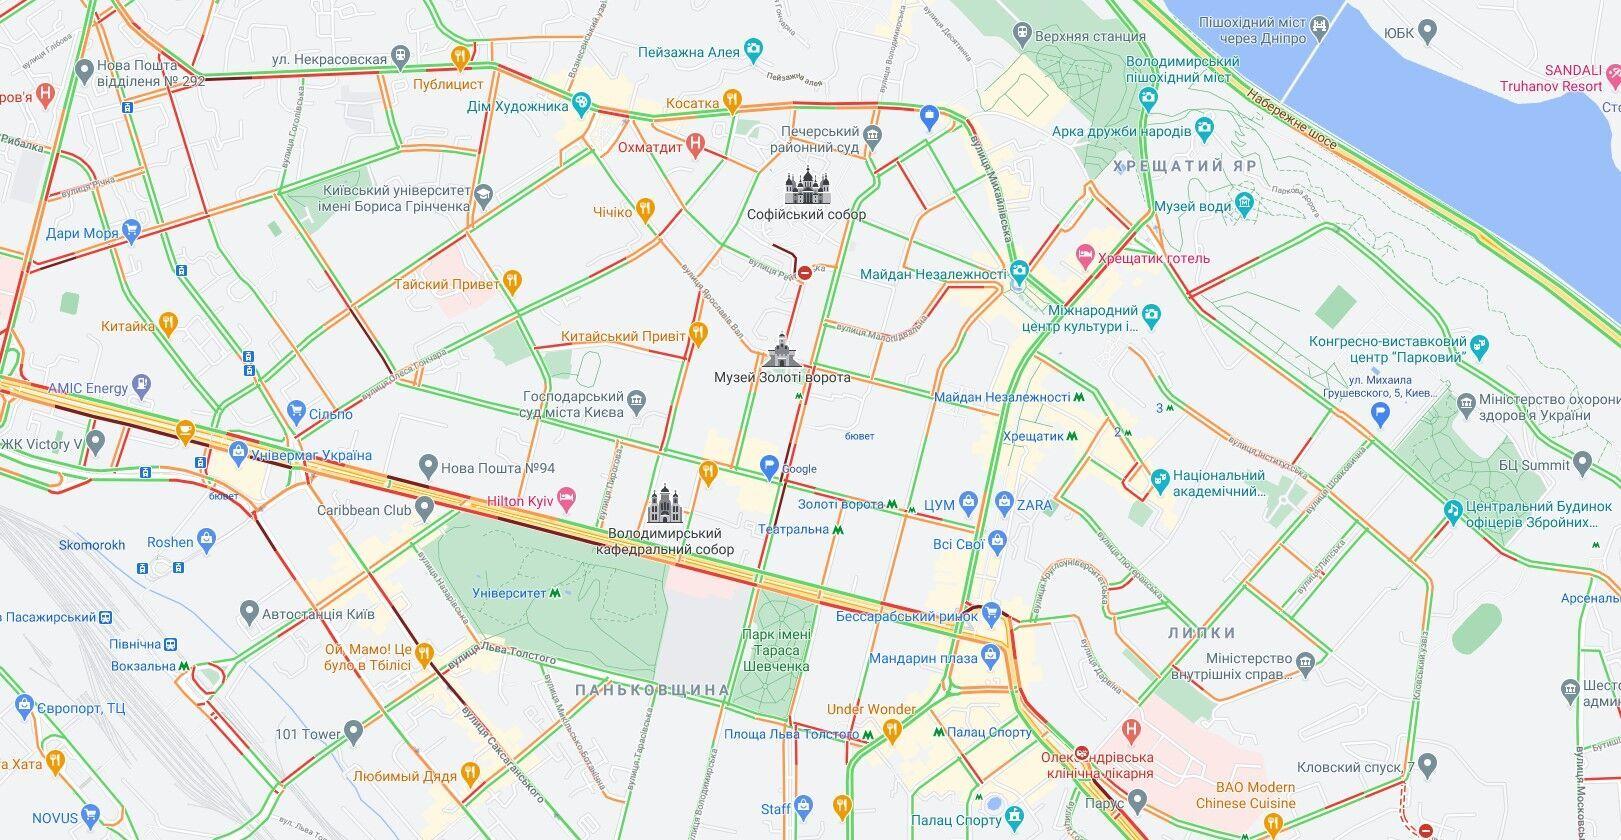 Пробки образовались в центральной части Киева.